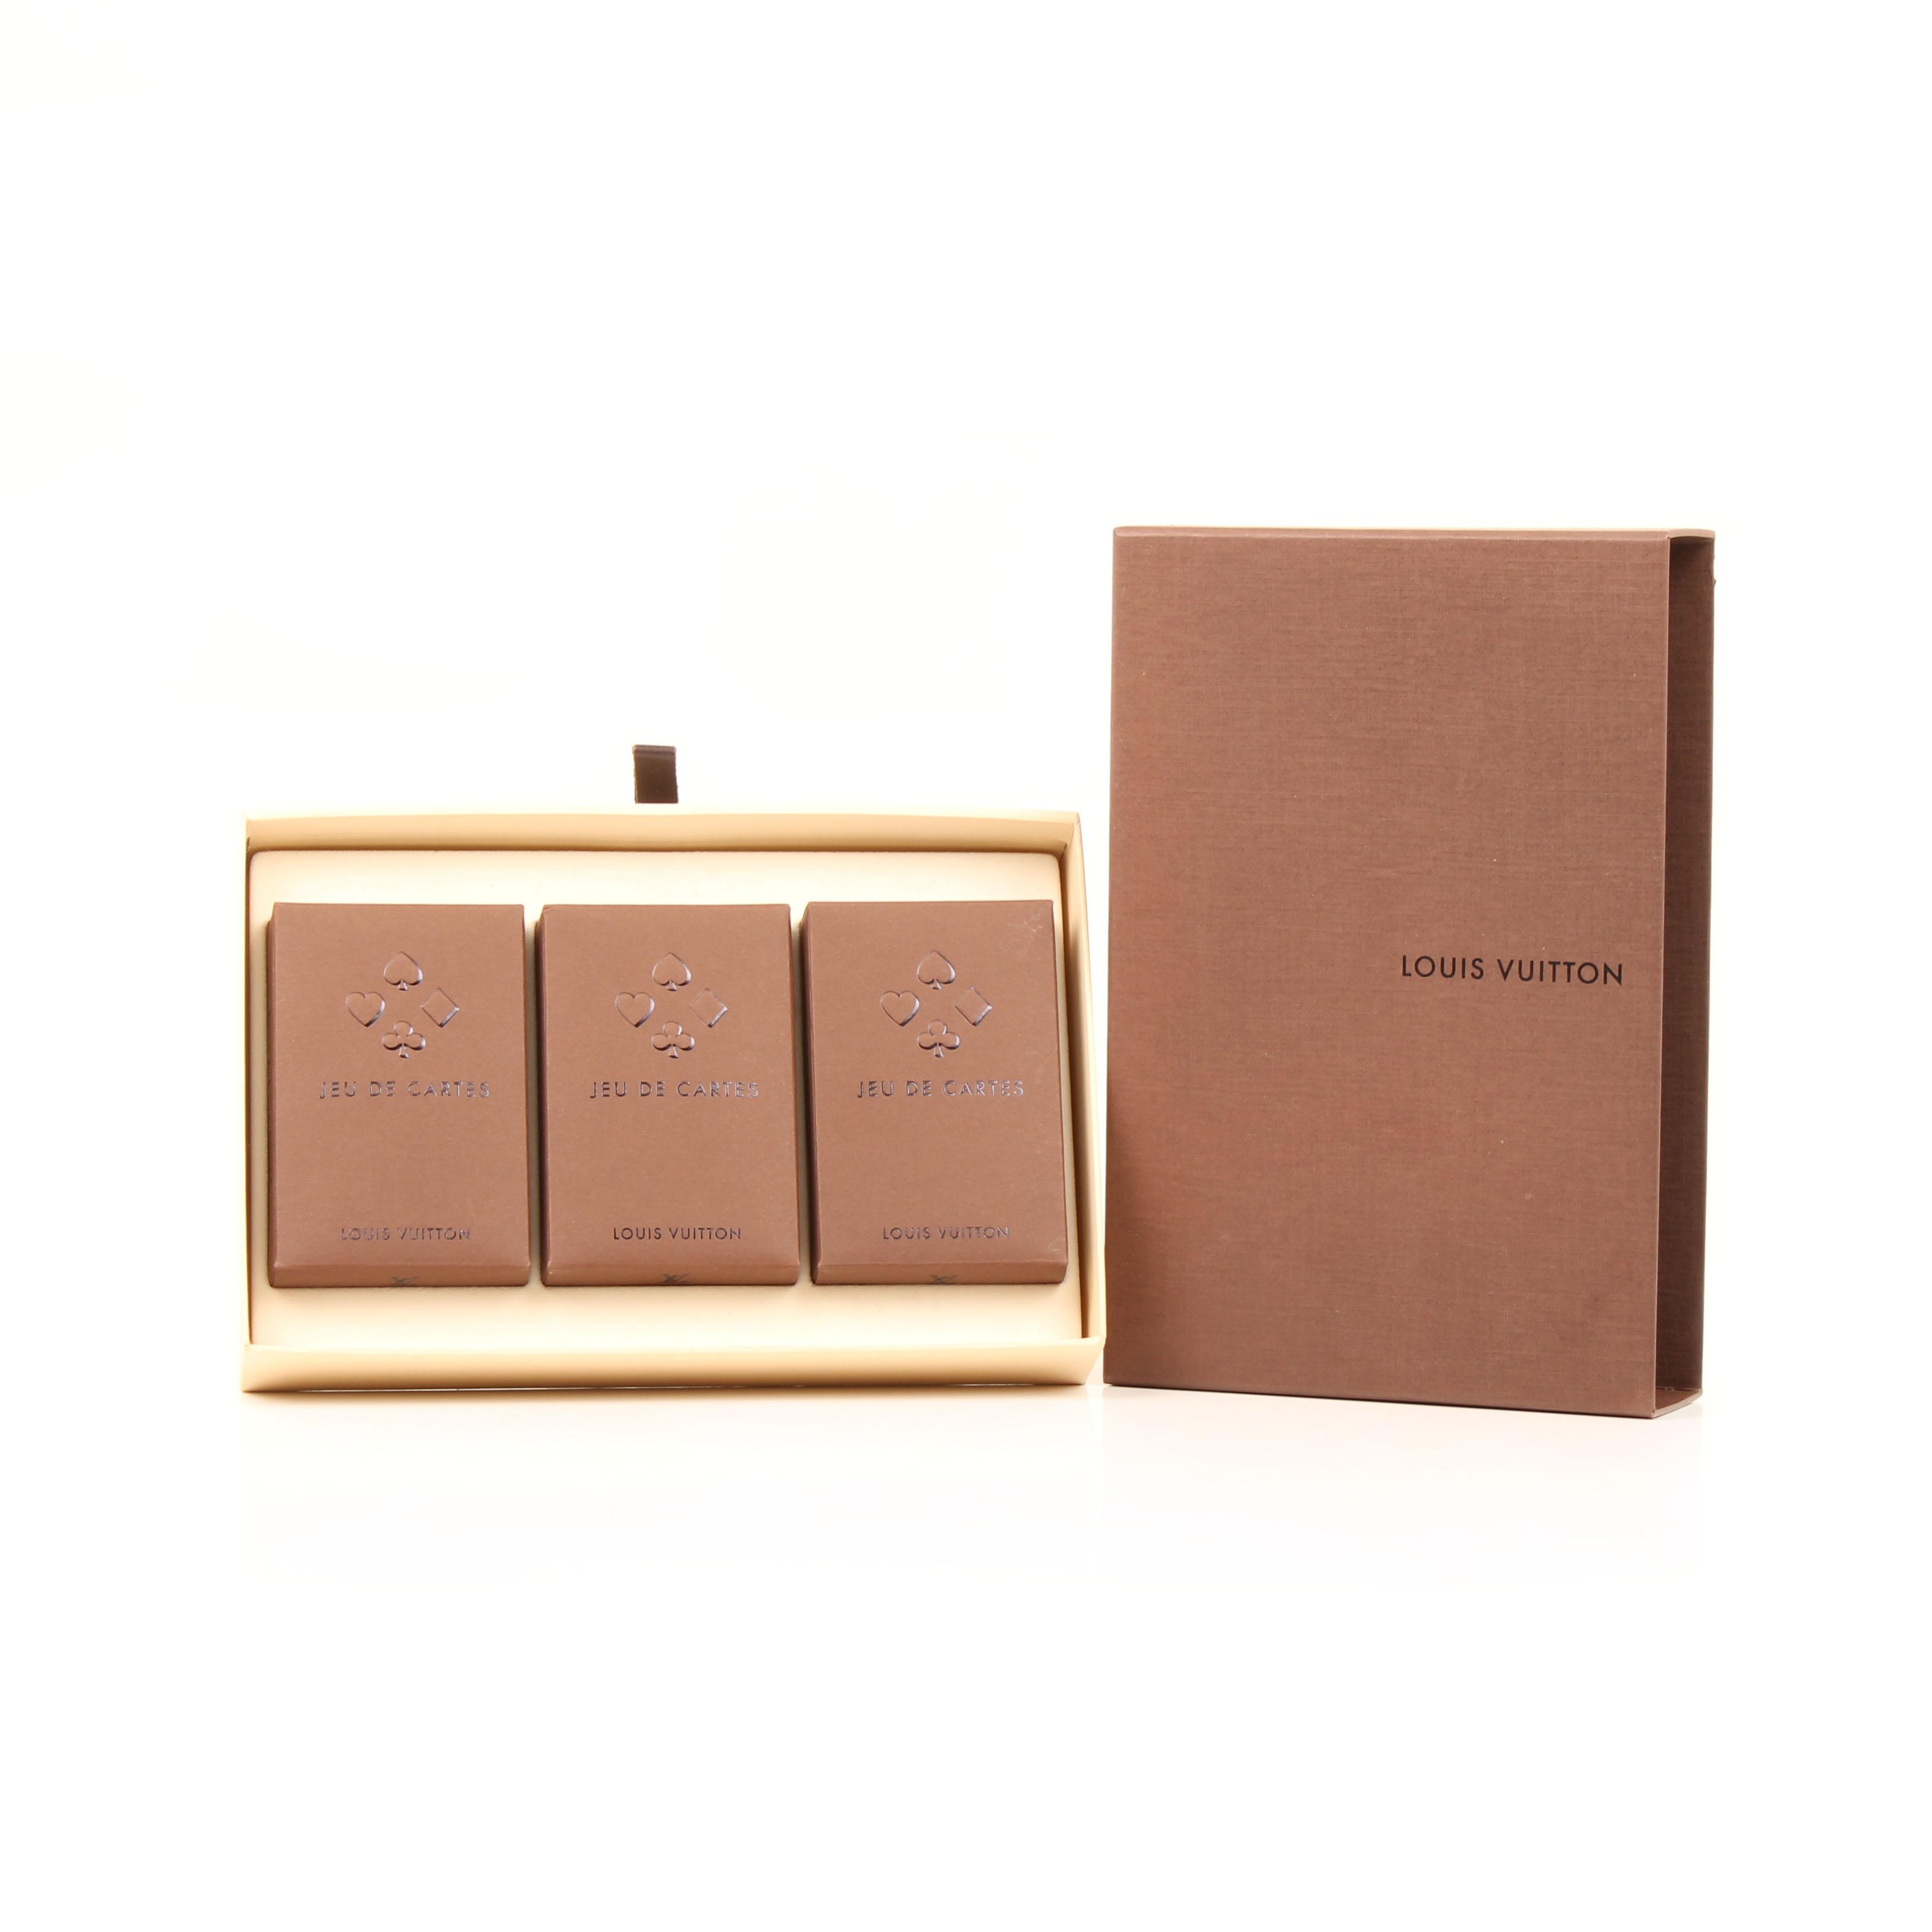 juego de cartas louis vuitton baraja francesa tres piezas general caja